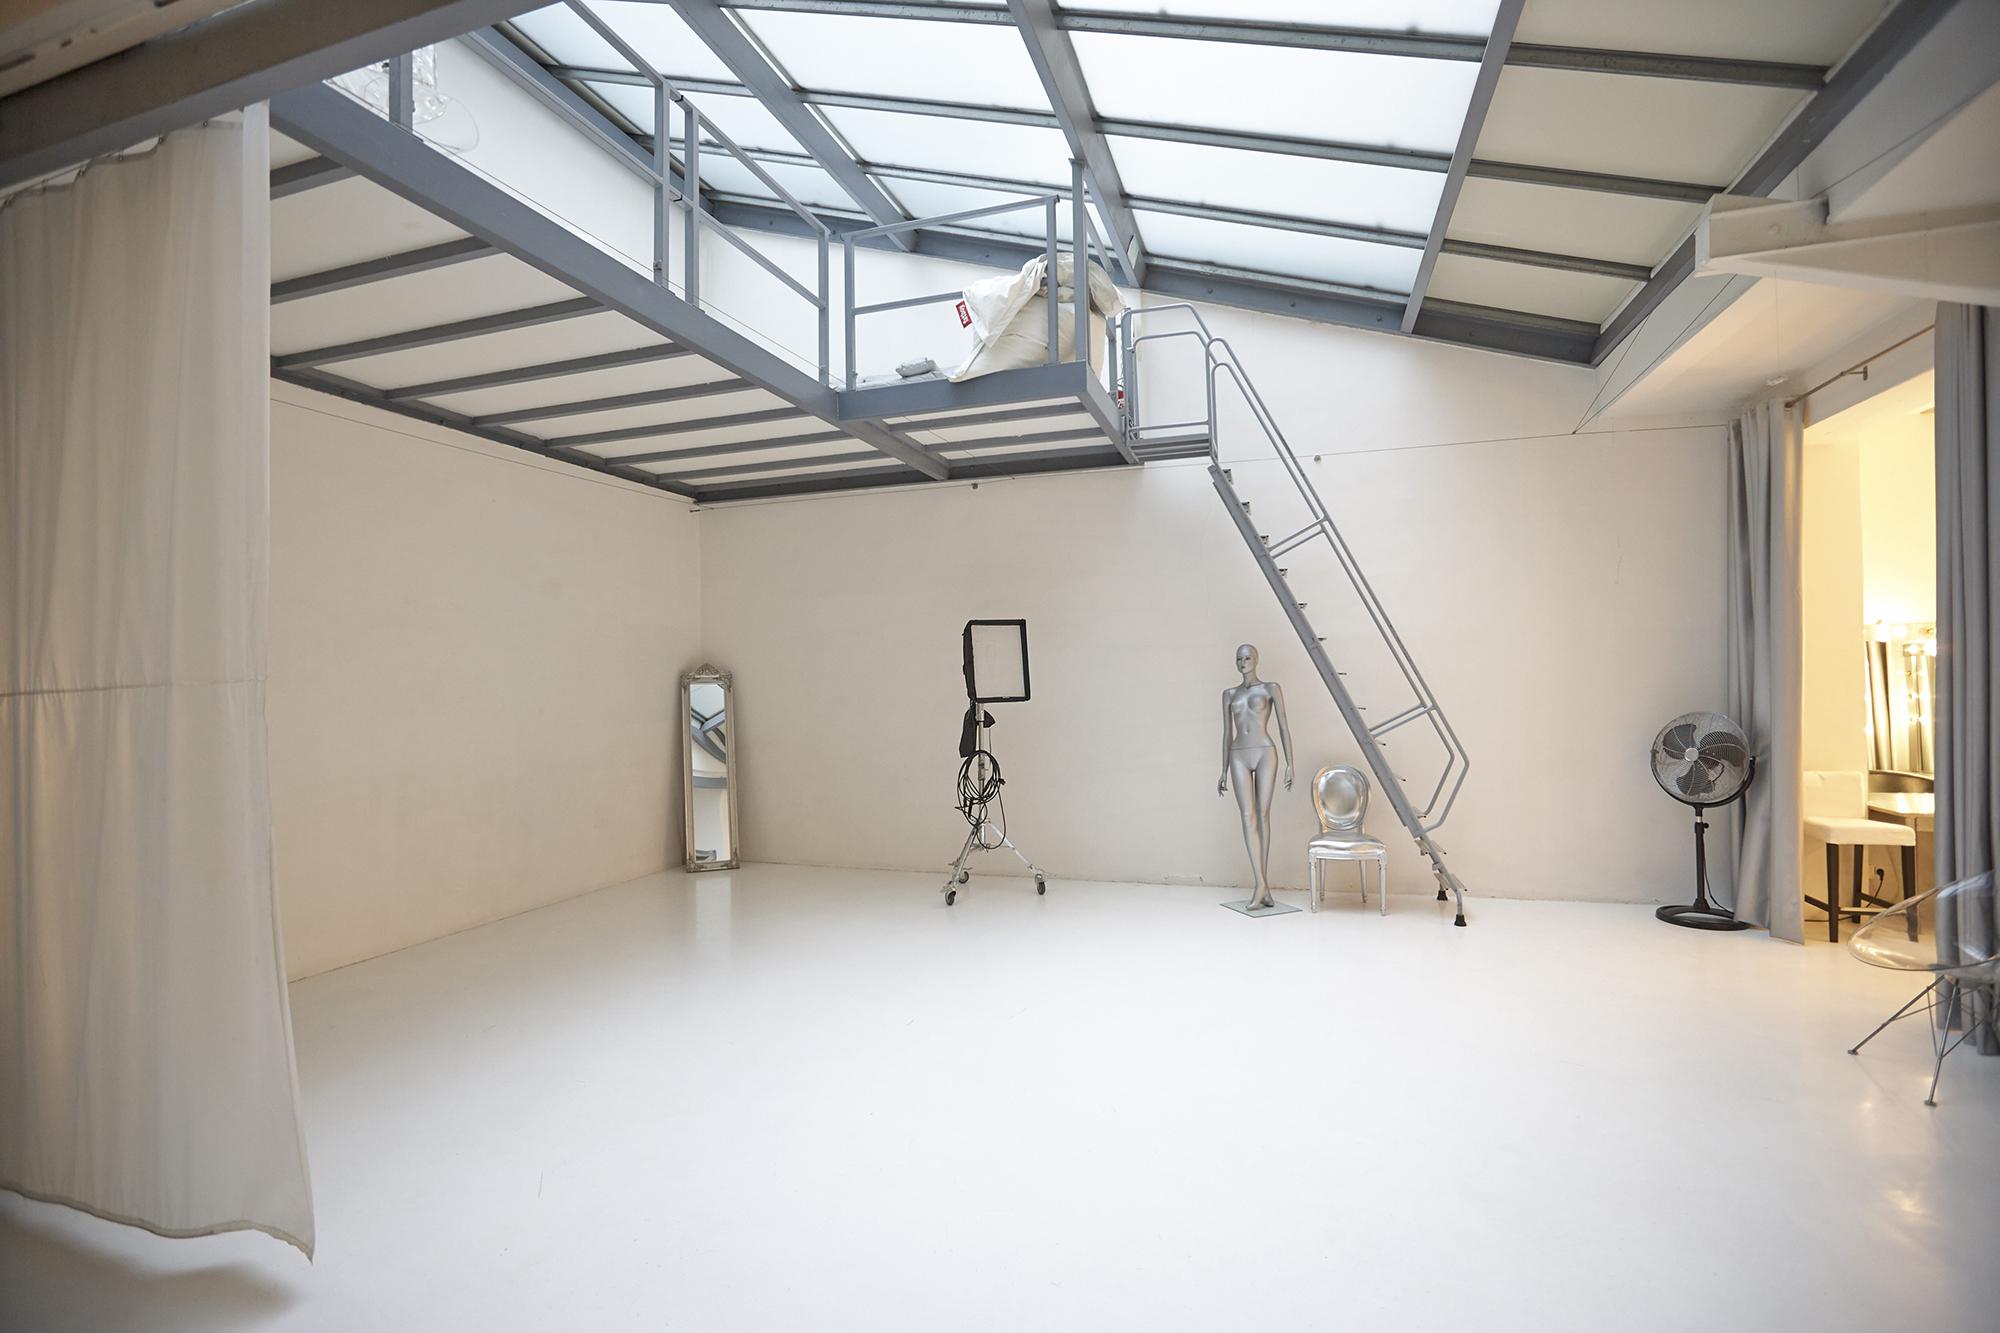 location salle de r ception de 110m2 paris dans le 14 me. Black Bedroom Furniture Sets. Home Design Ideas